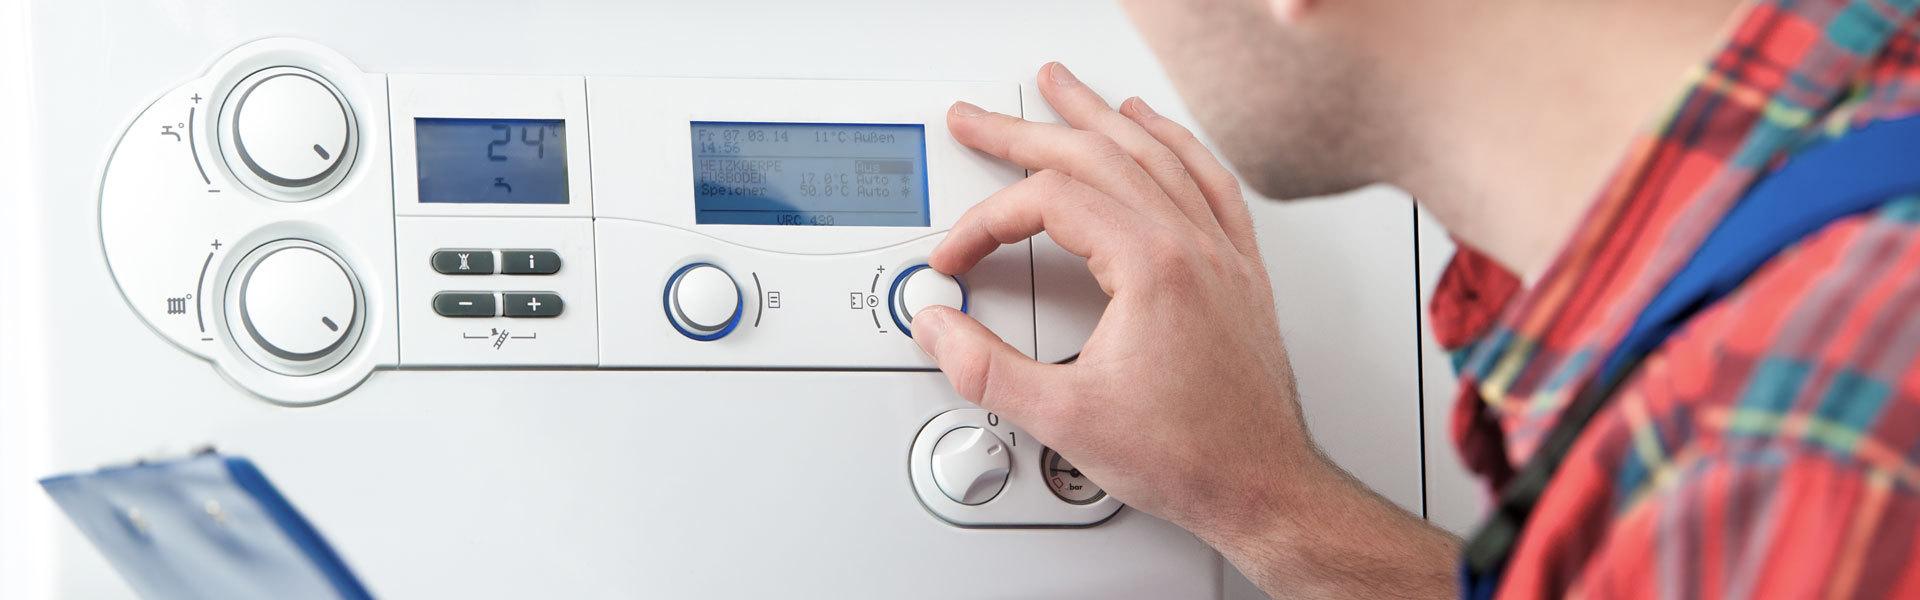 Servicio Técnico de Electrodomésticos Fagor en Sevilla